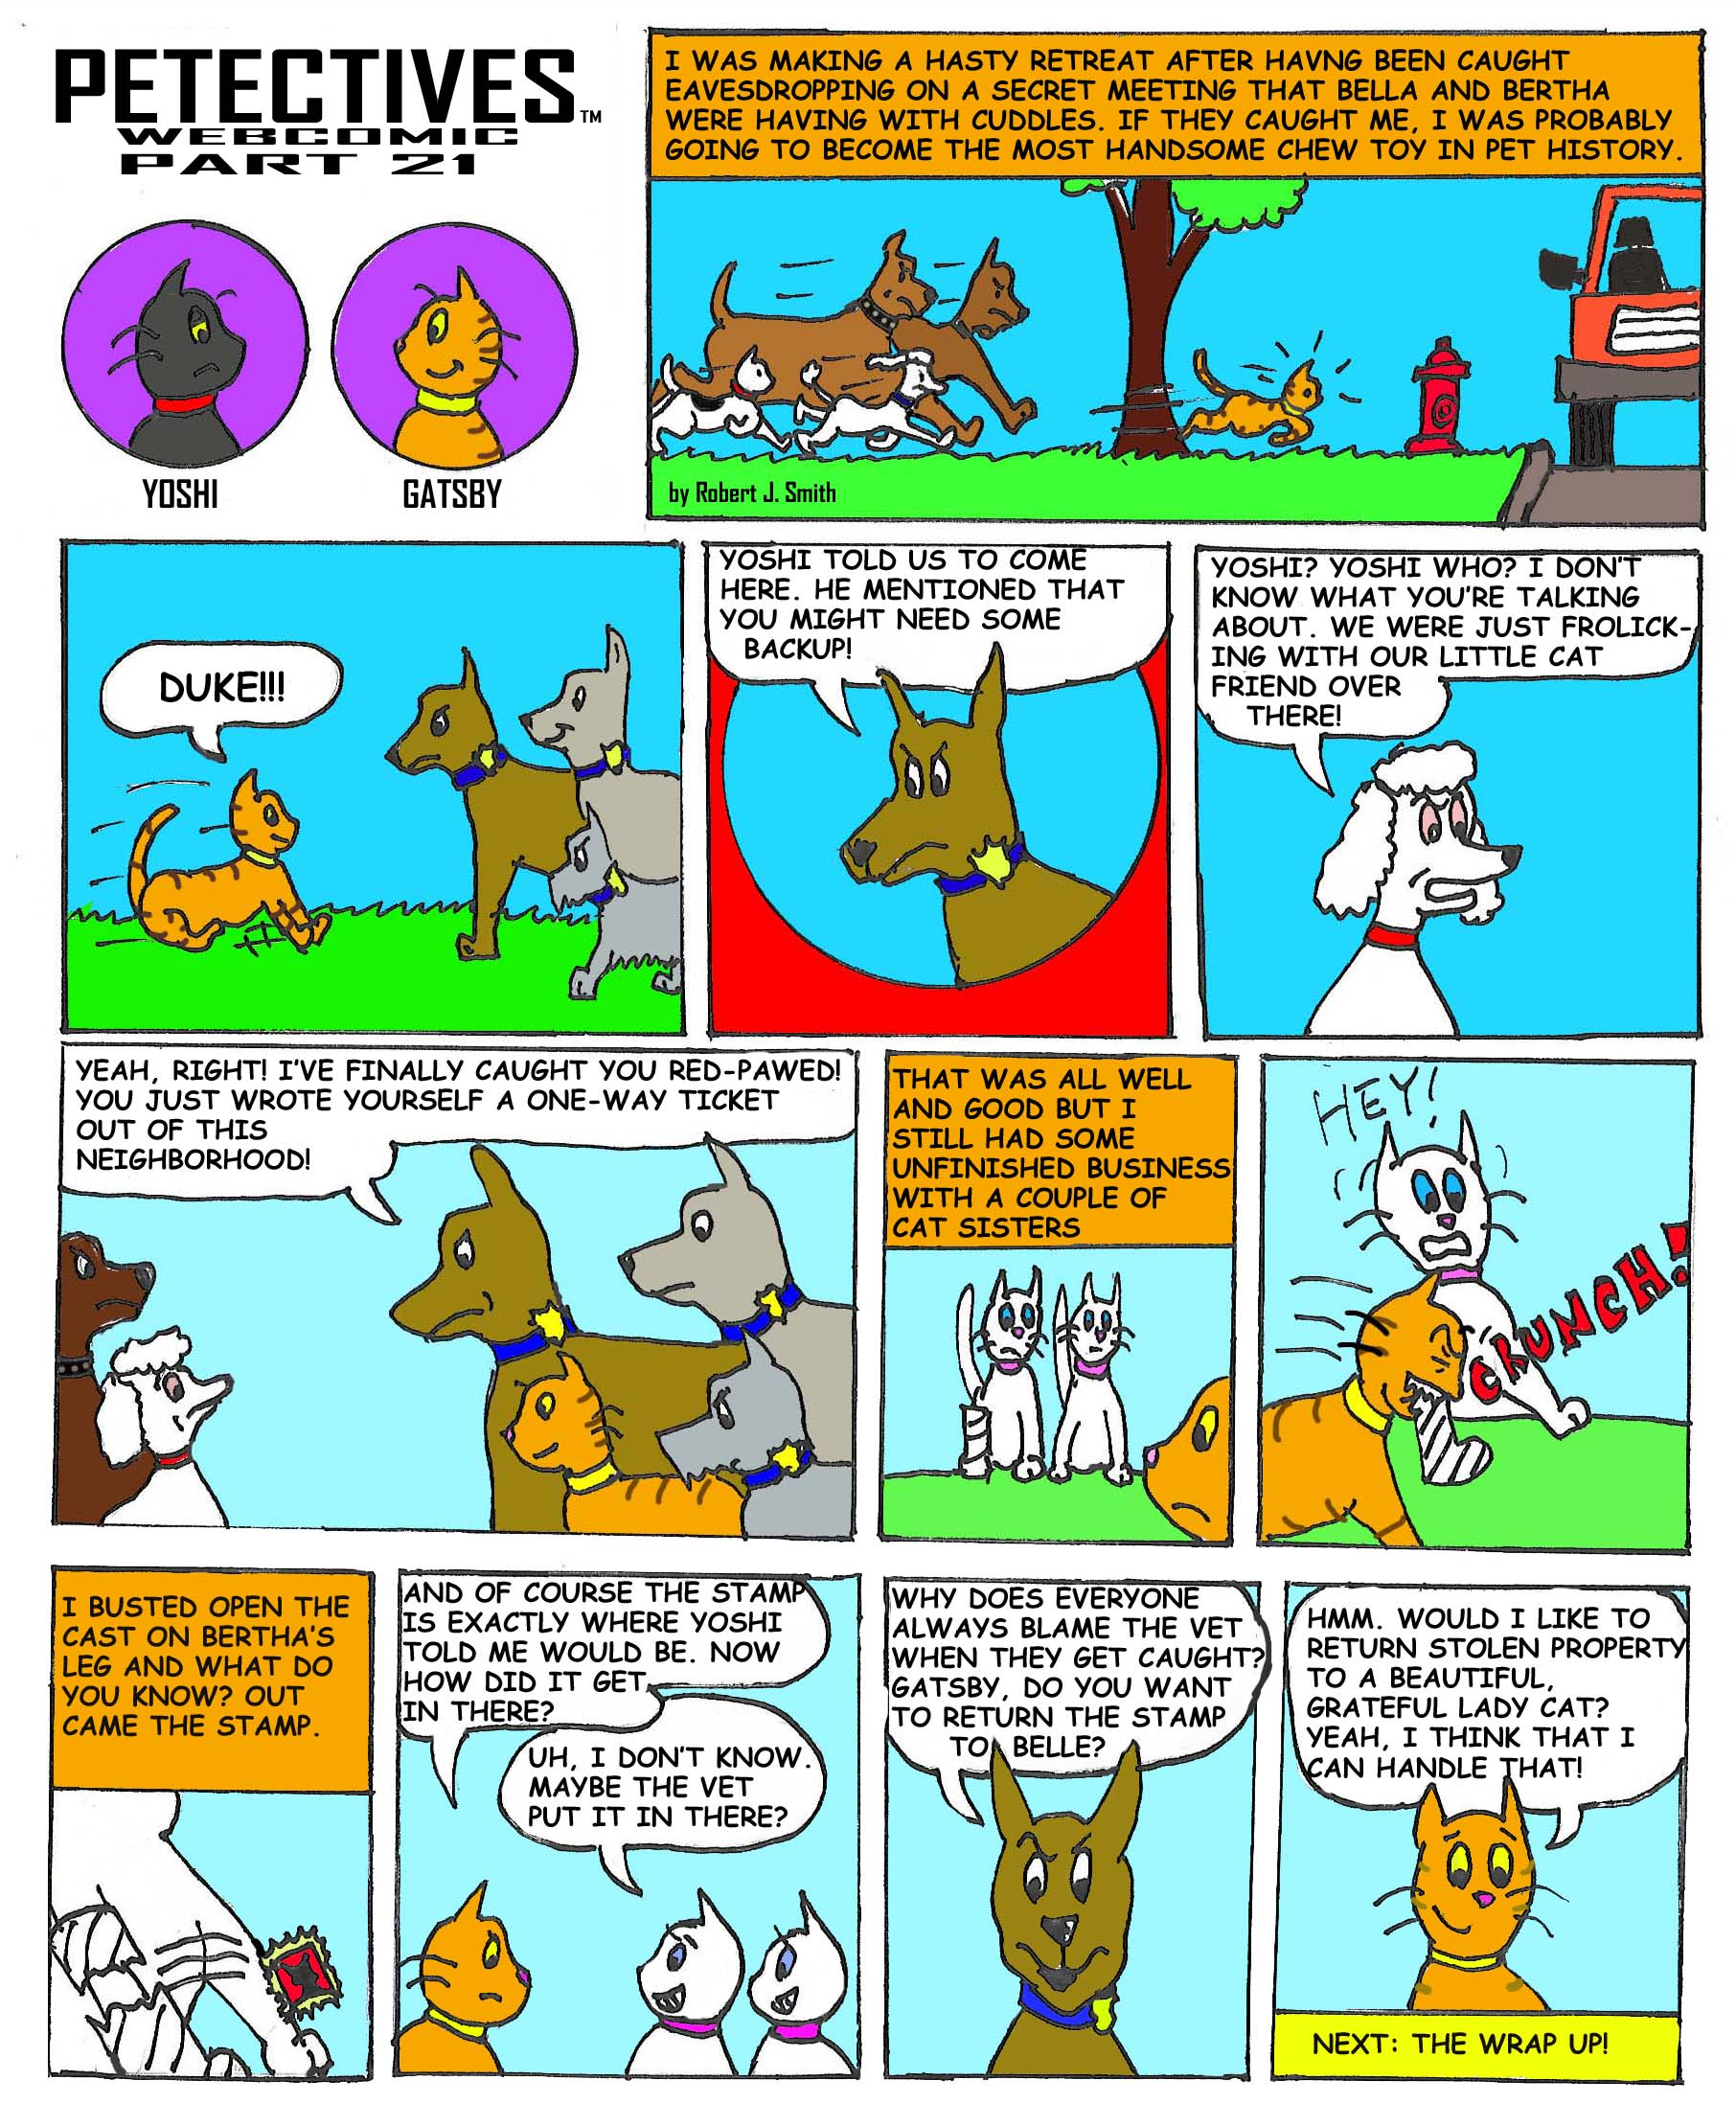 petectives-webcomic-part-21